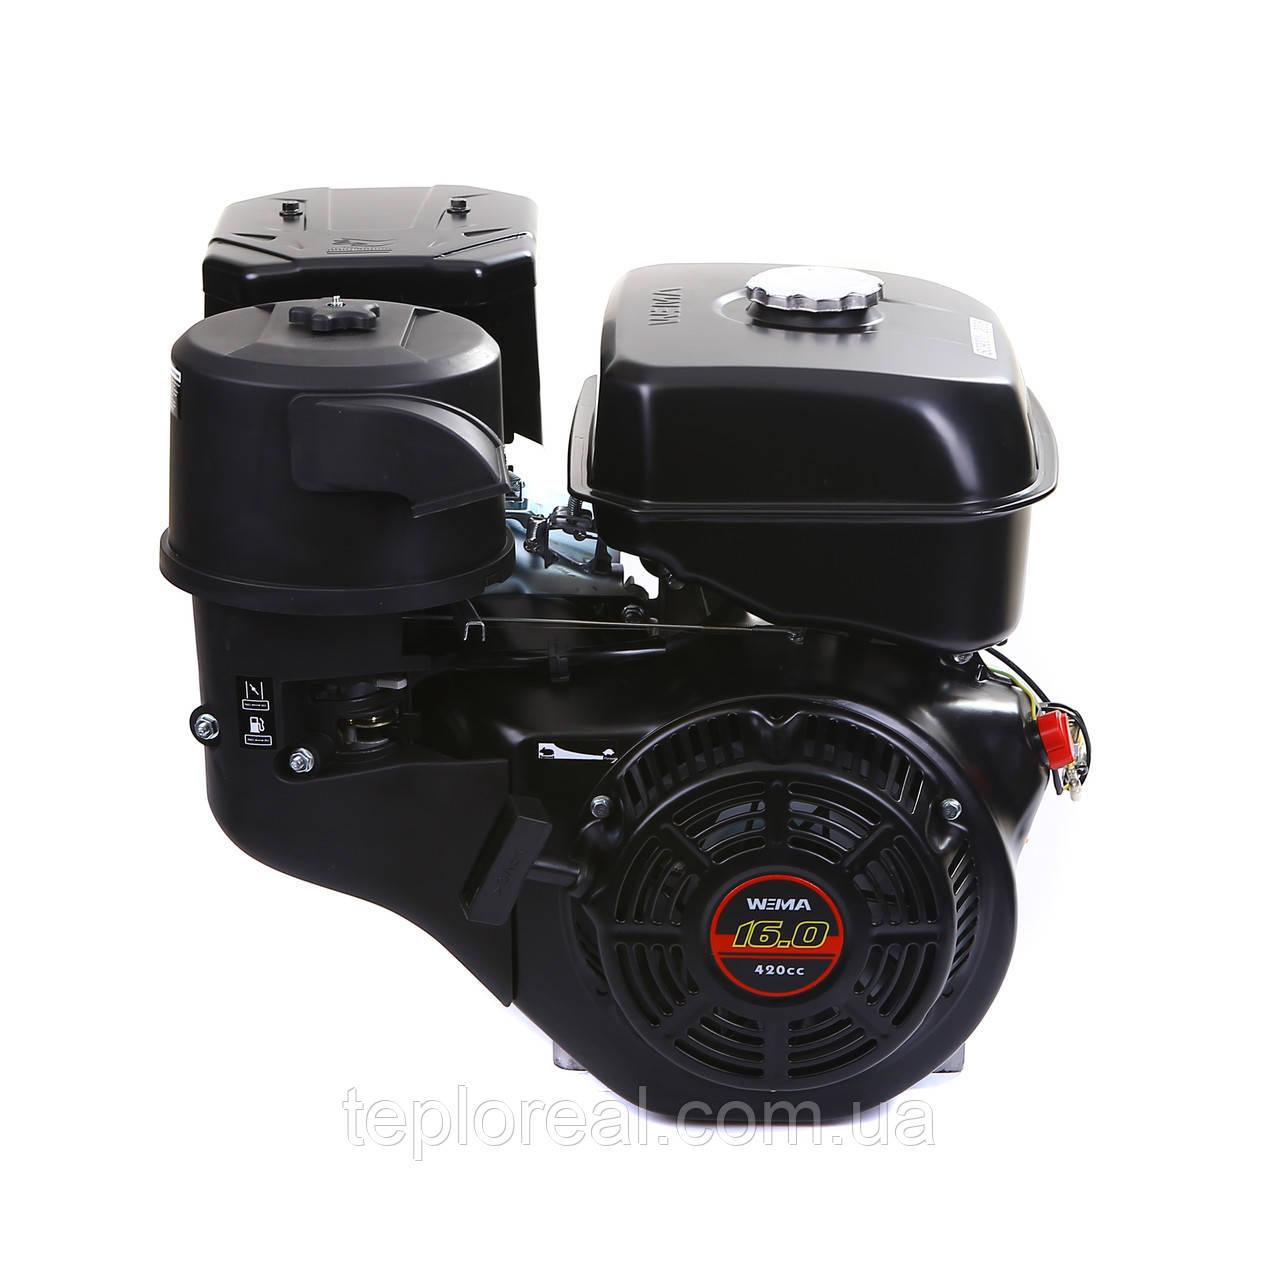 Двигатель бензиновый WEIMA(Вейма) WM190F - S (16л.с.под шпонку)